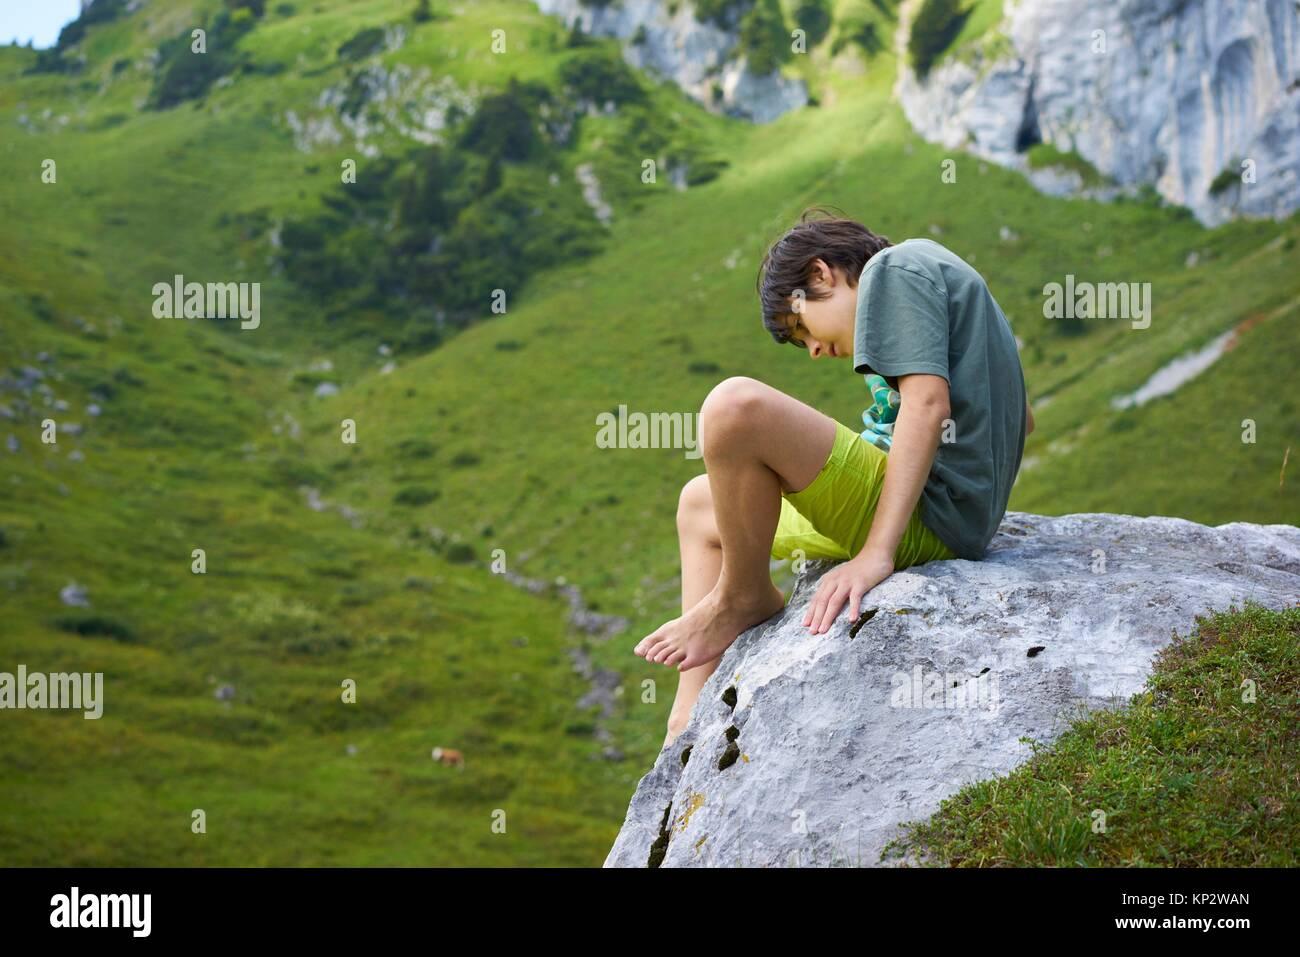 Oung pensieroso ragazzo seduto sulla roccia in montagna bavarese Brauneck, Germania Immagini Stock